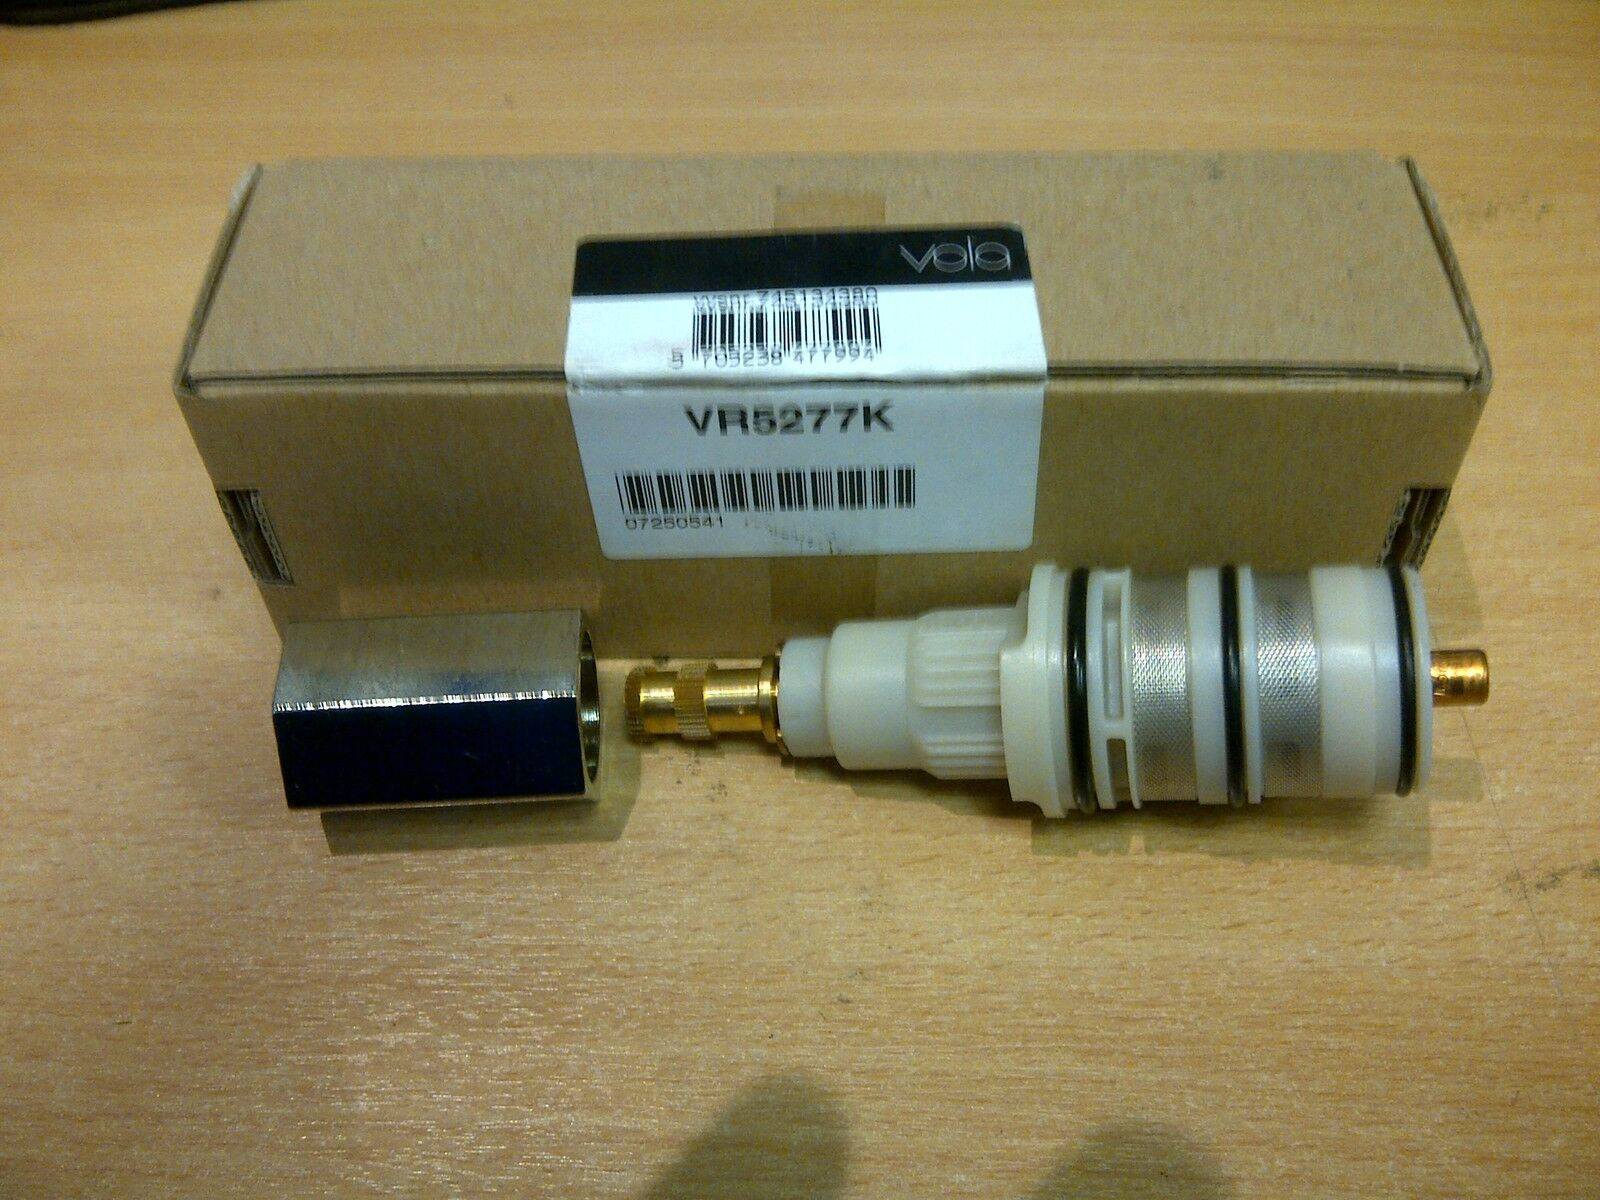 Vola vr5277k Cartouche c   w clé fits 5000, 6000 série mitigeurs thermostatiques